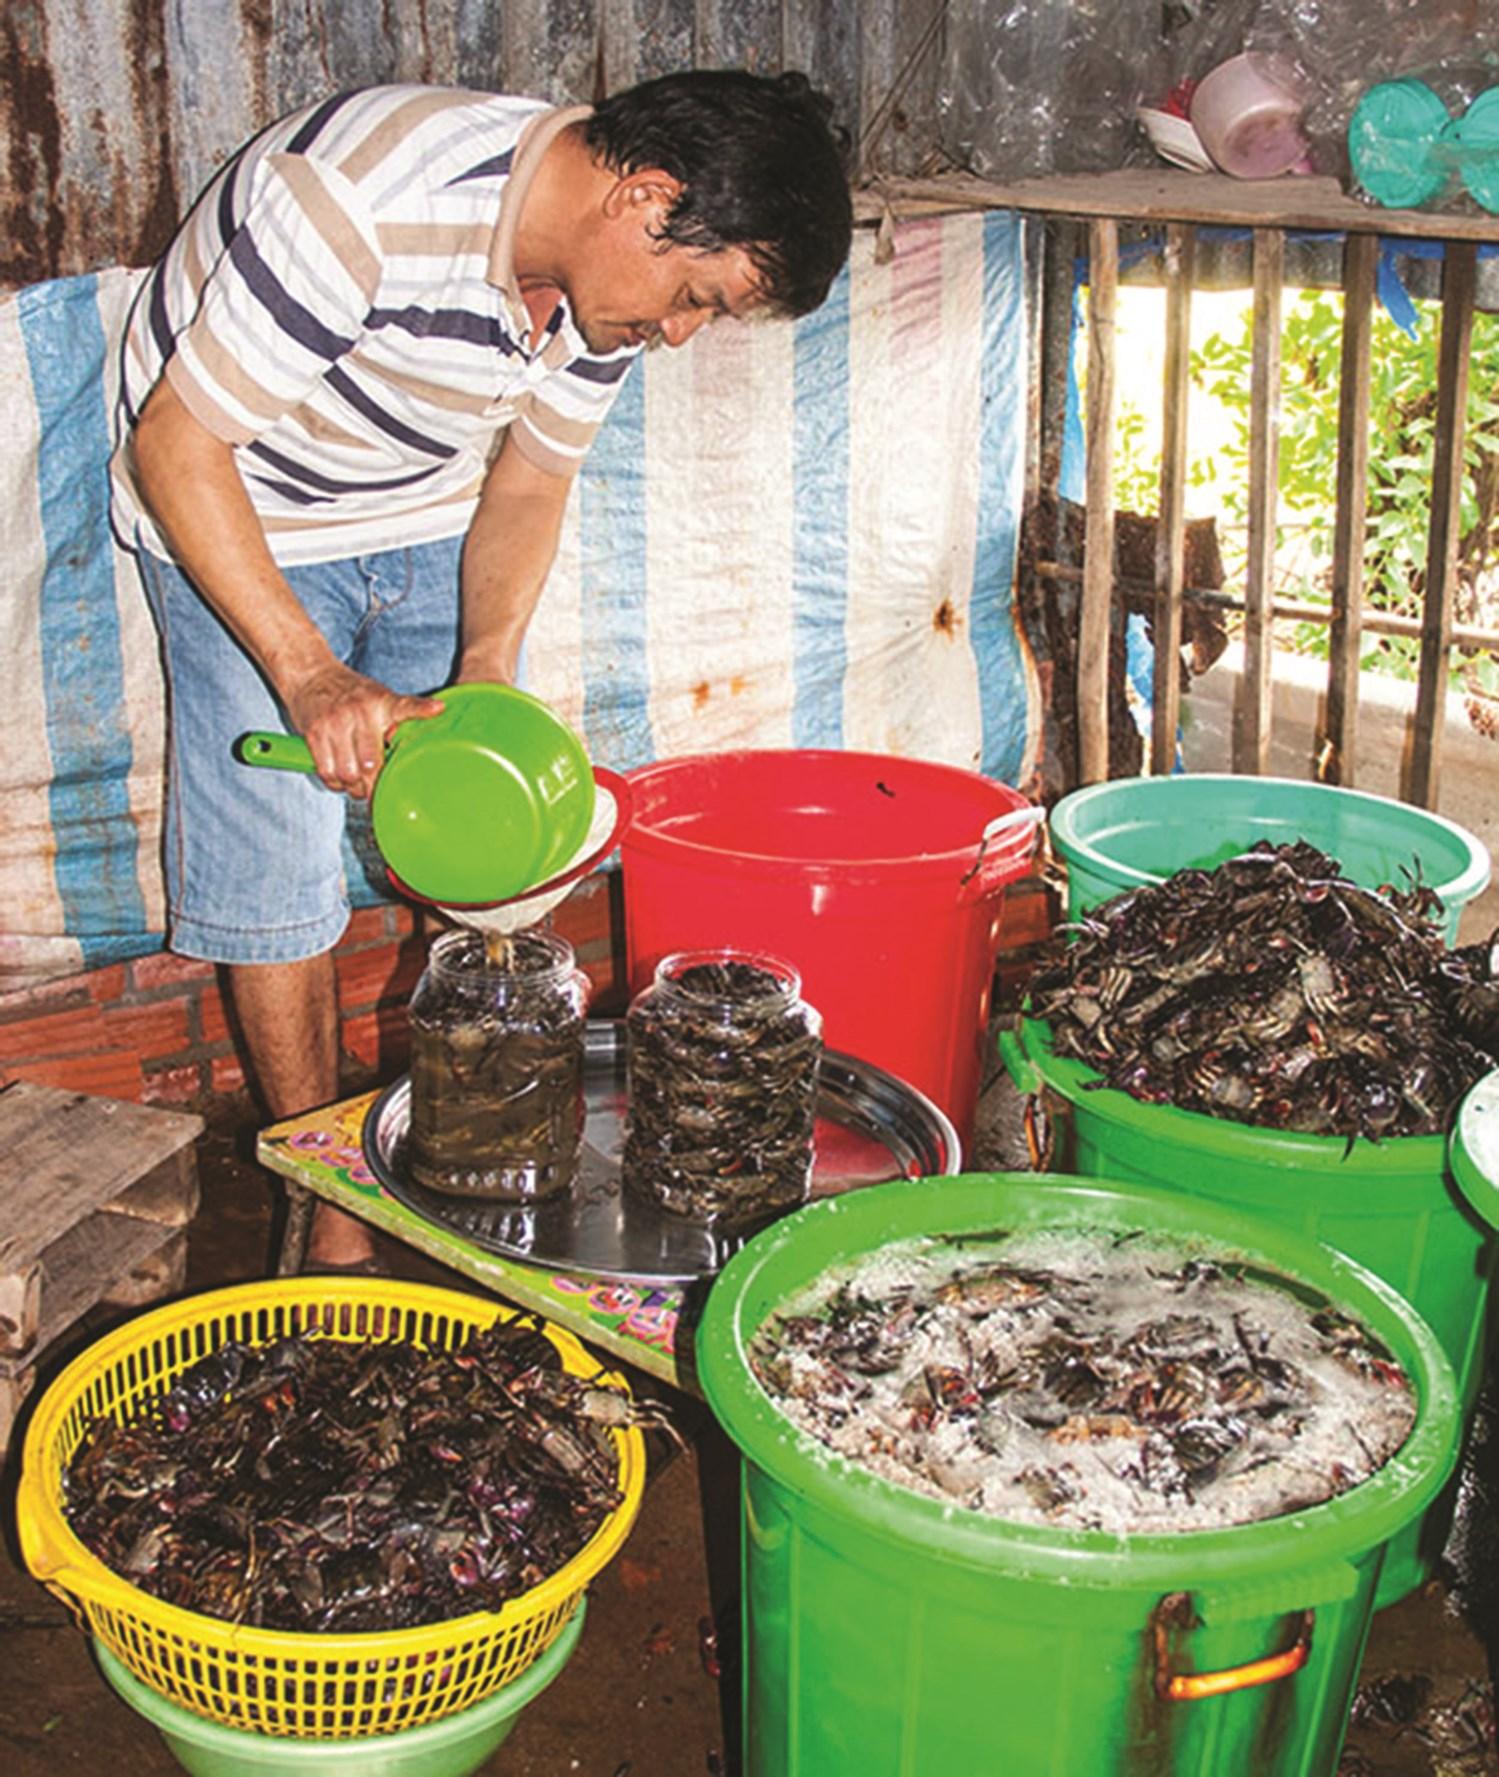 Một chủ cơ sở ba khía ở xã Hàng Vịnh, huyện Năm Căn (Cà Mau) đang thực hiện các công đoạn muối ba khía. Anh TL